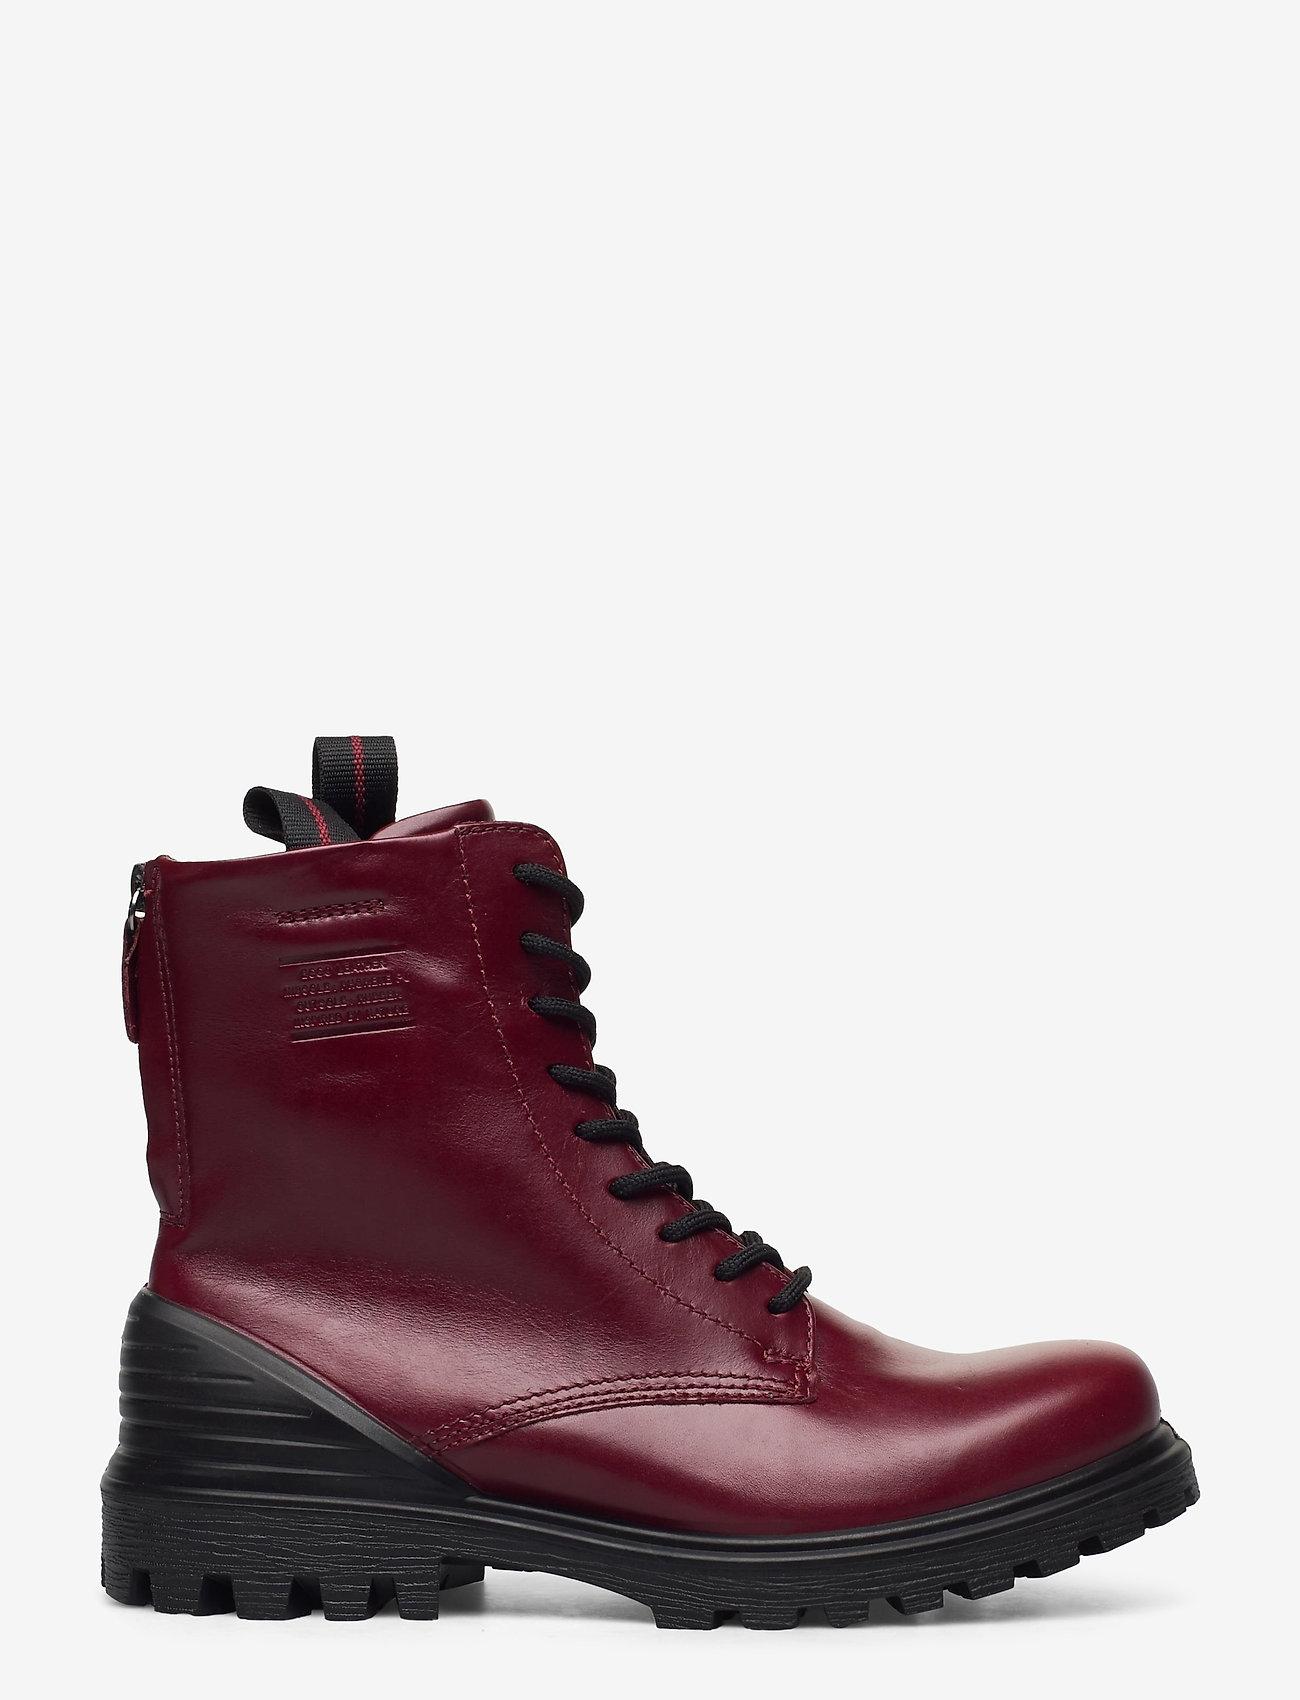 ECCO - TREDTRAY W - flat ankle boots - syrah - 1